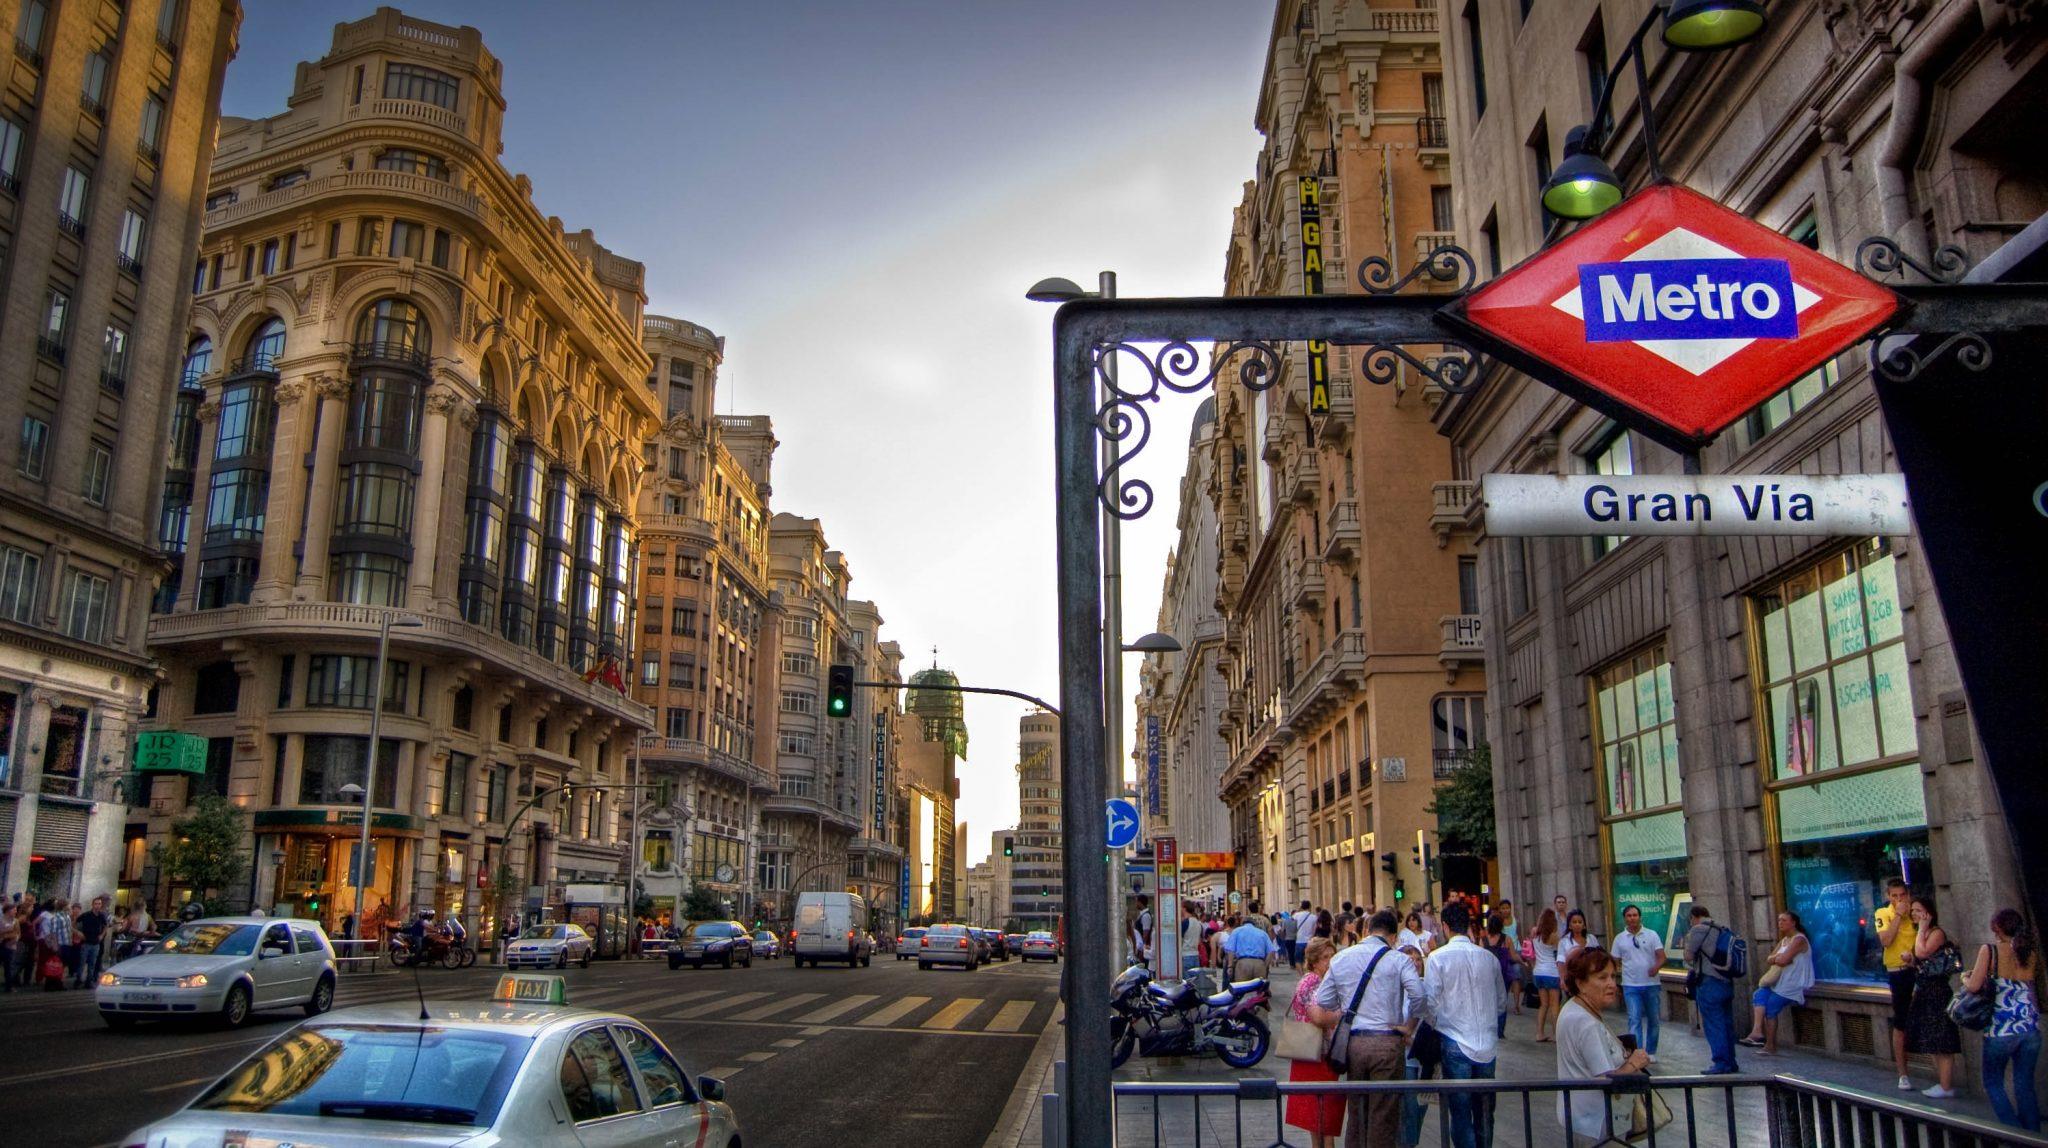 España: Becas Para Maestría en Diversos Temas Istituto Europeo di Design